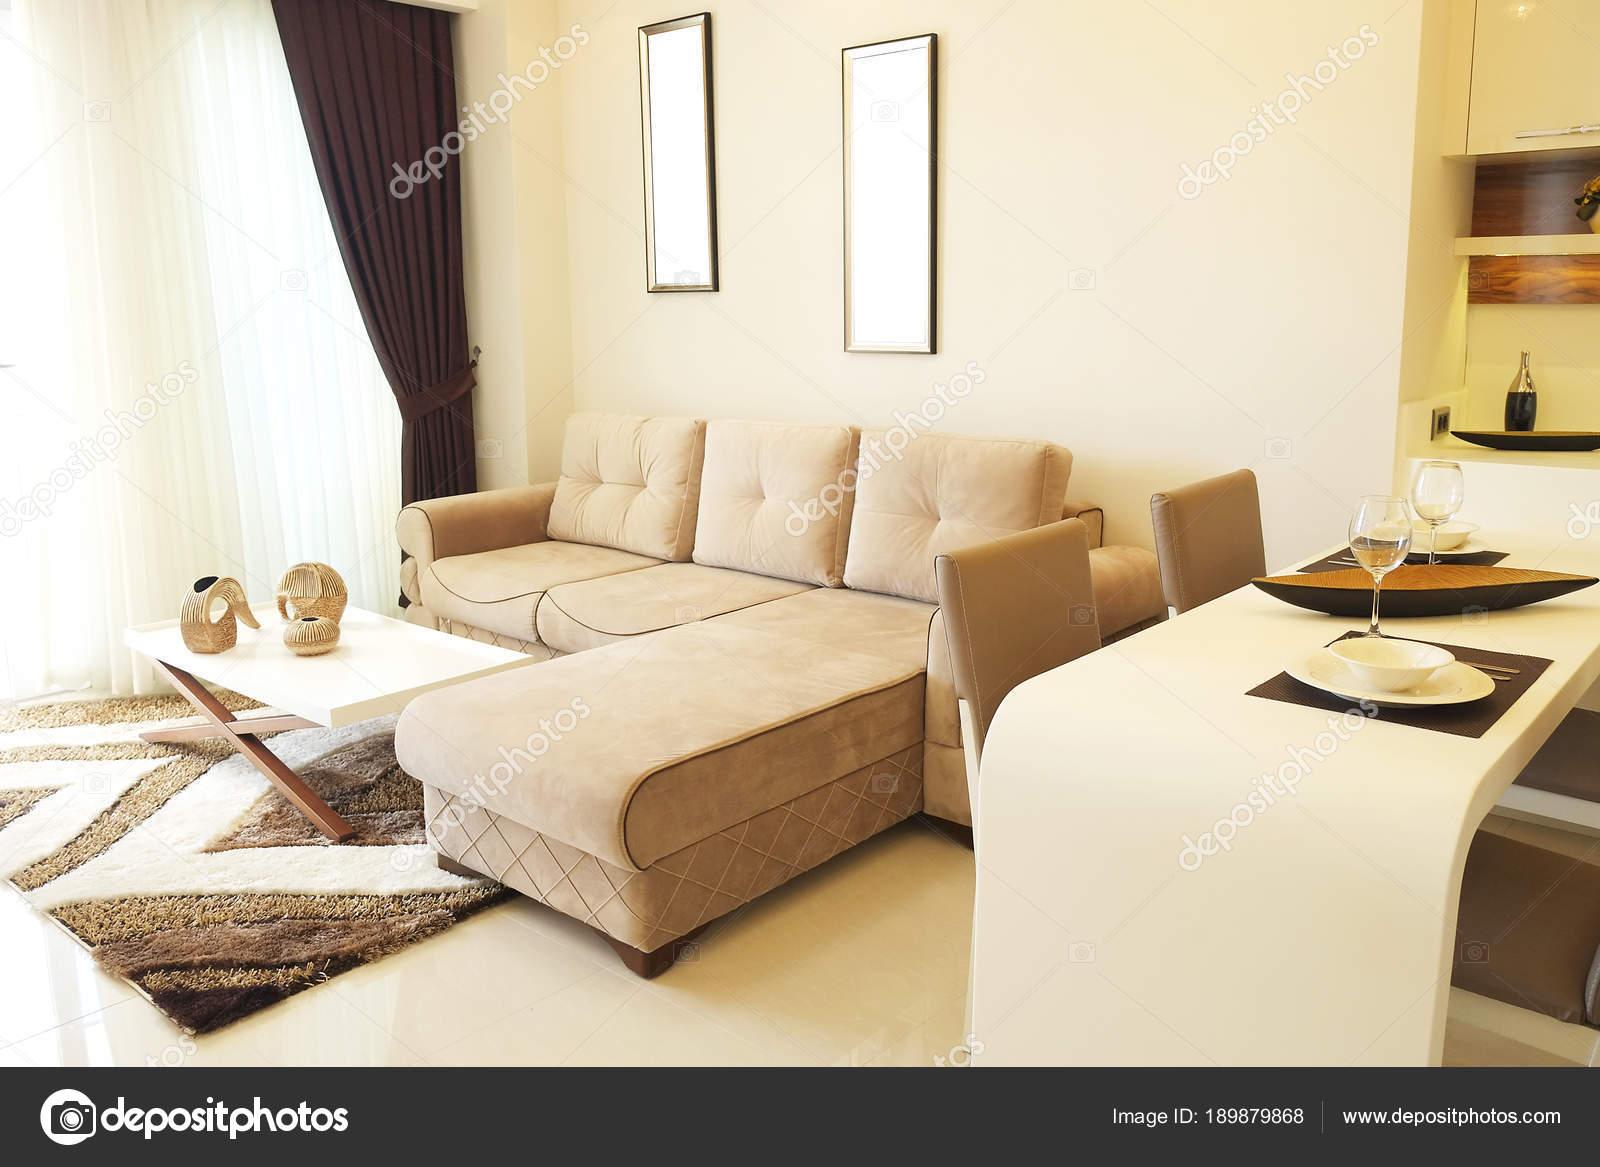 Verschiedene Offene Küche Wohnzimmer Bilder Referenz Von Schöne Sonne Seite Wohnung Mit Einfachen Minimalistisch